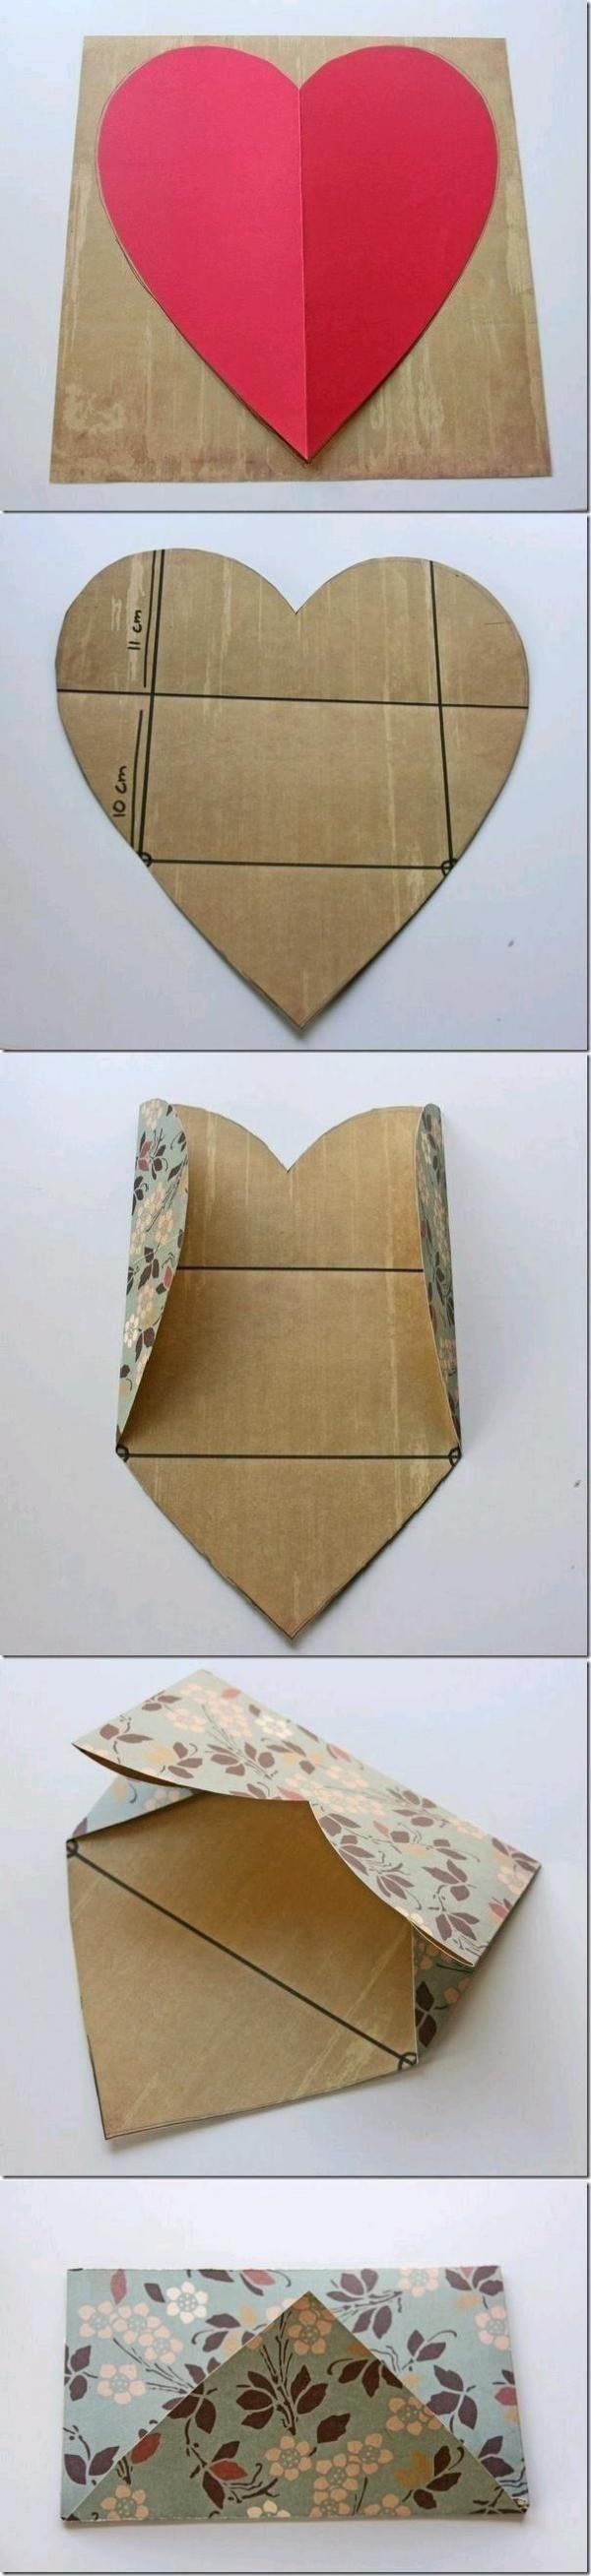 Fabriquer une enveloppe à partir d'un coeur en papier